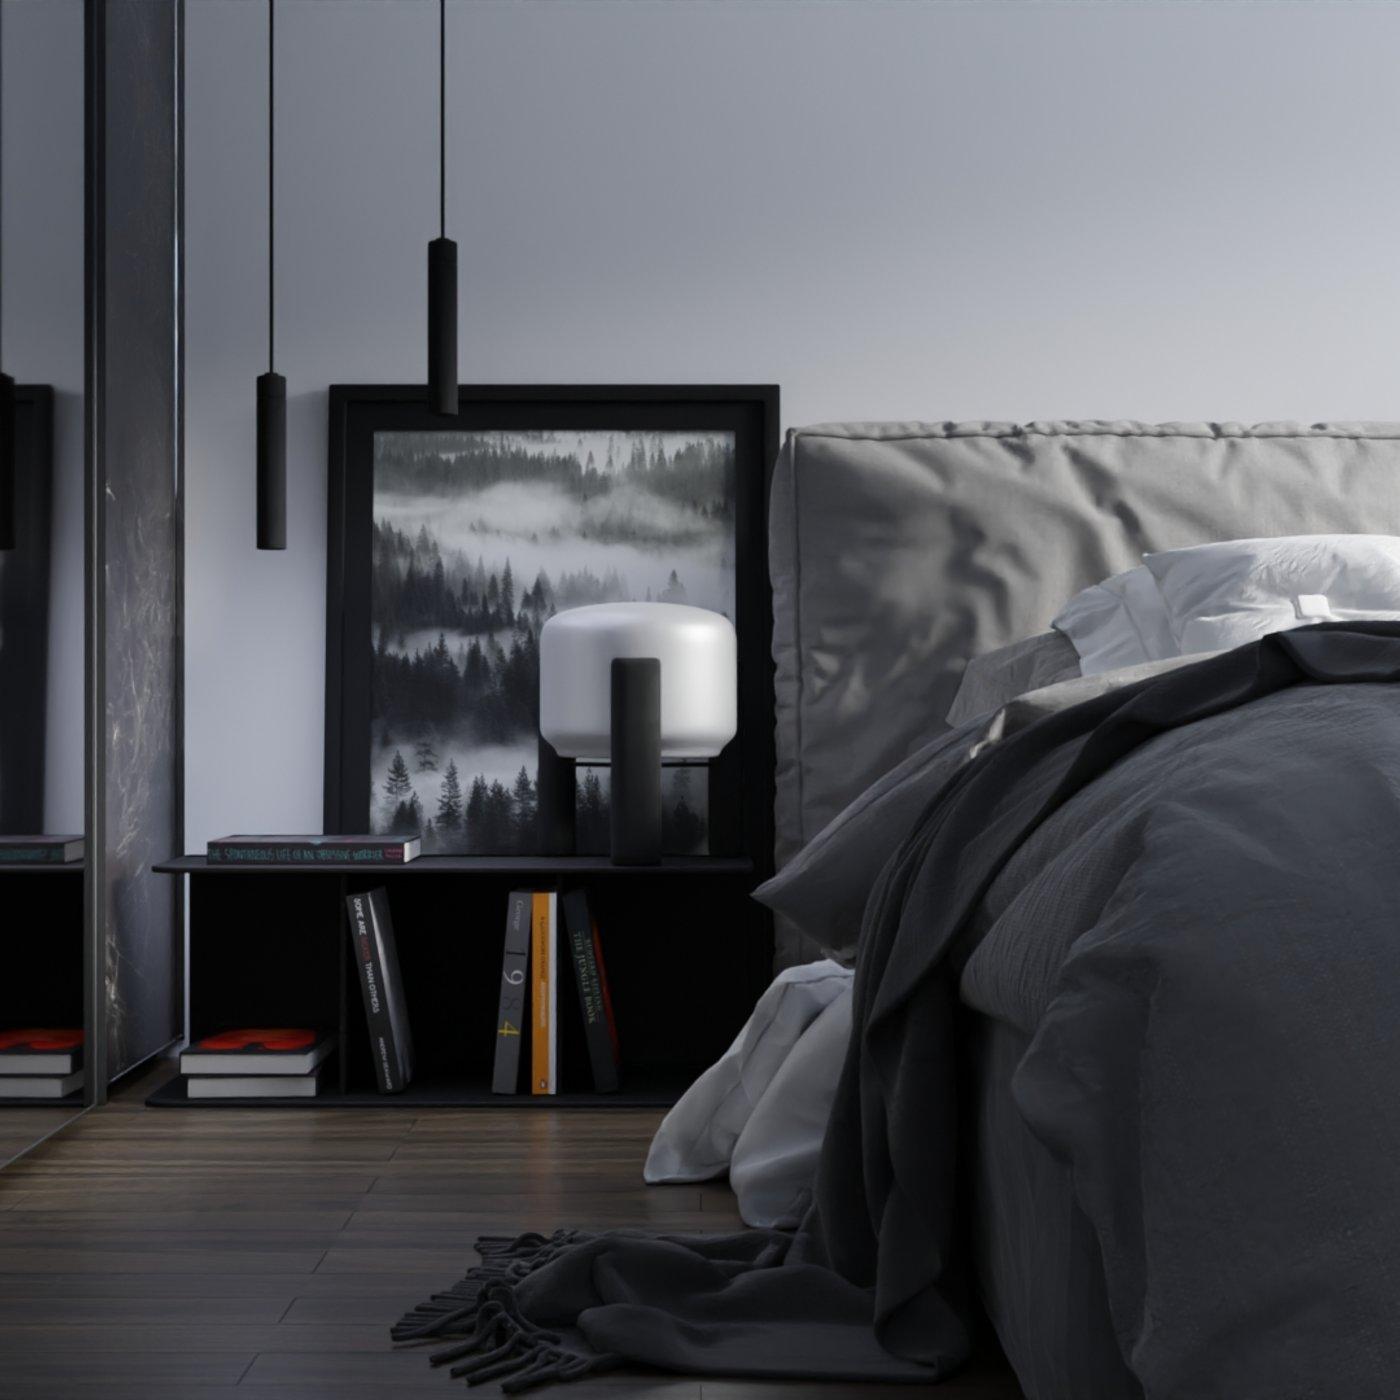 Interior/visualization of bedroom\loft